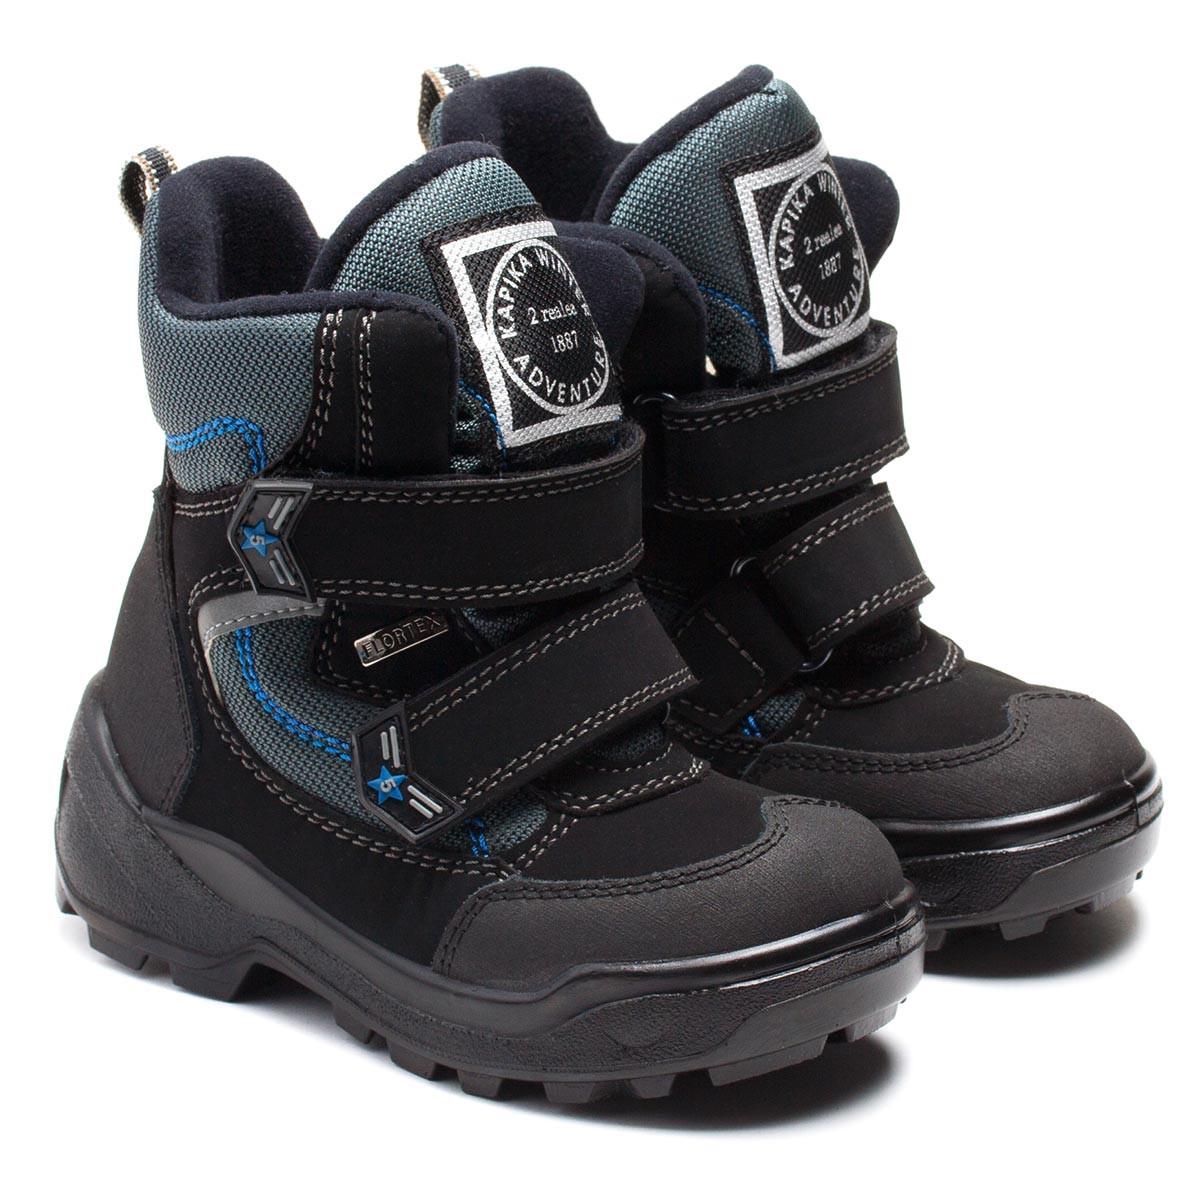 5d785490a Зимние ботинки Kapika мембранные, для мальчика, размер 28-36 - Детская обувь  ORTOPEDIC